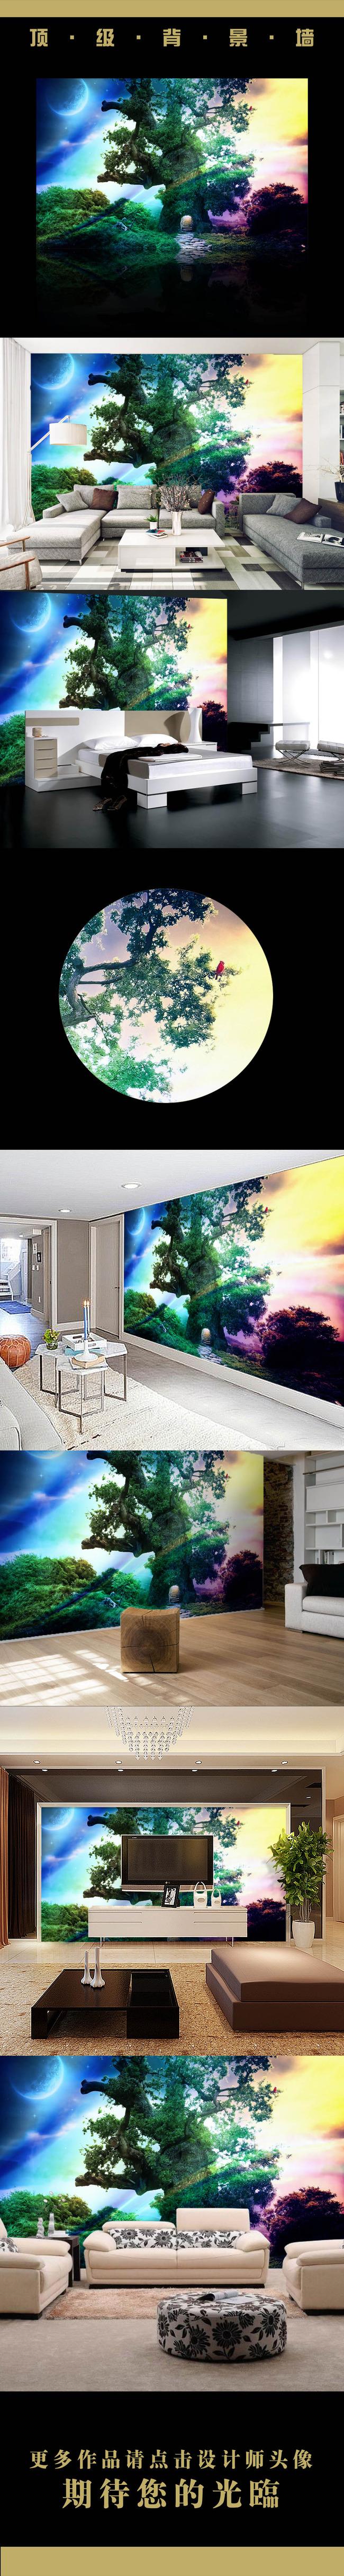 风景树屋梦幻魔幻儿童房背景墙自然